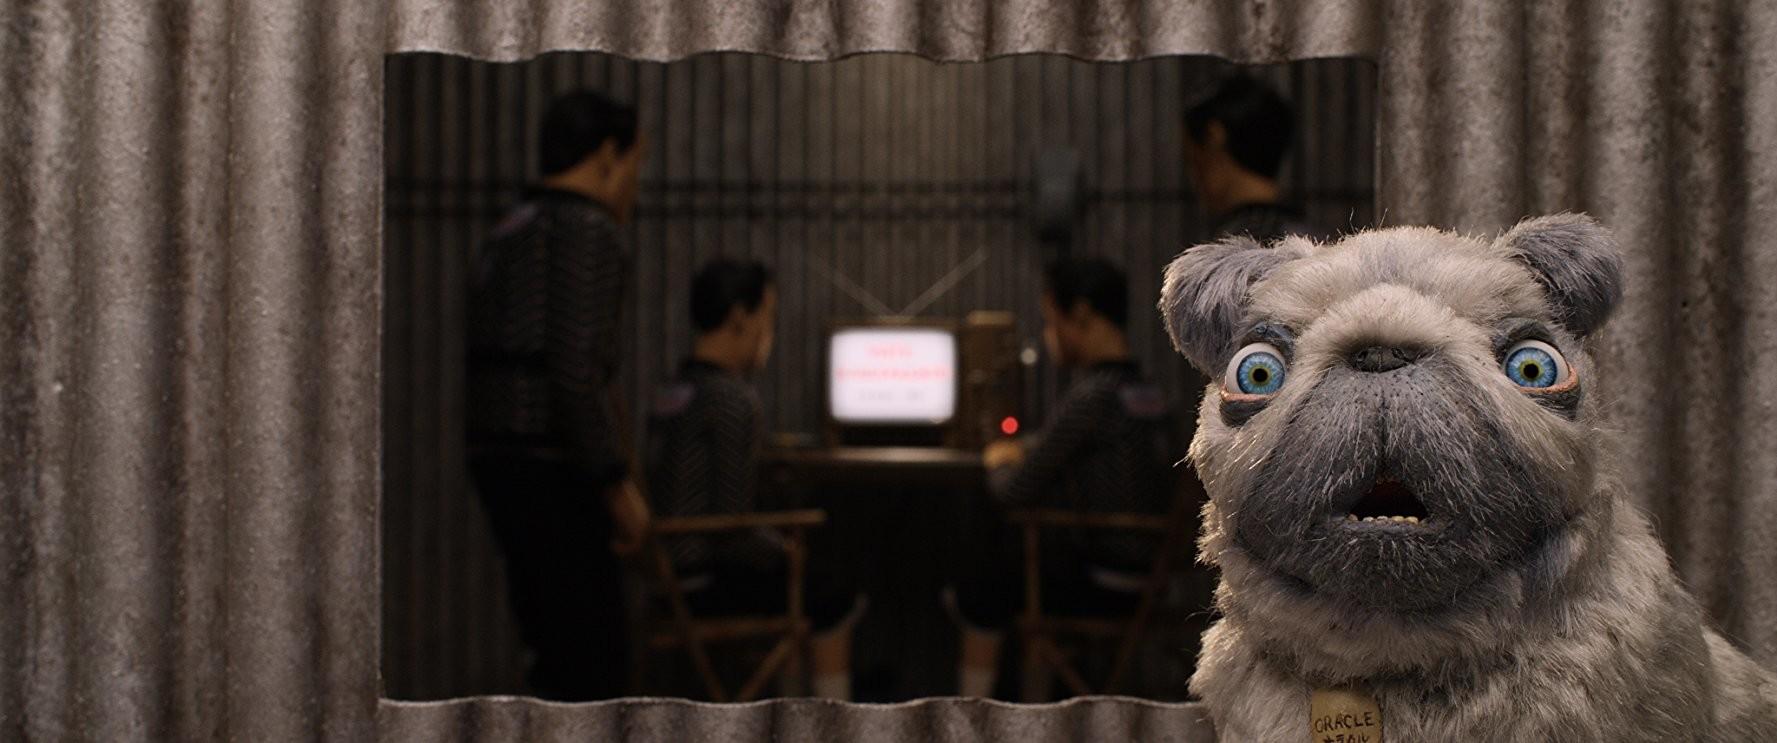 Köpek Adası Filmini Tek Part İndir Ekran Görüntüsü 2